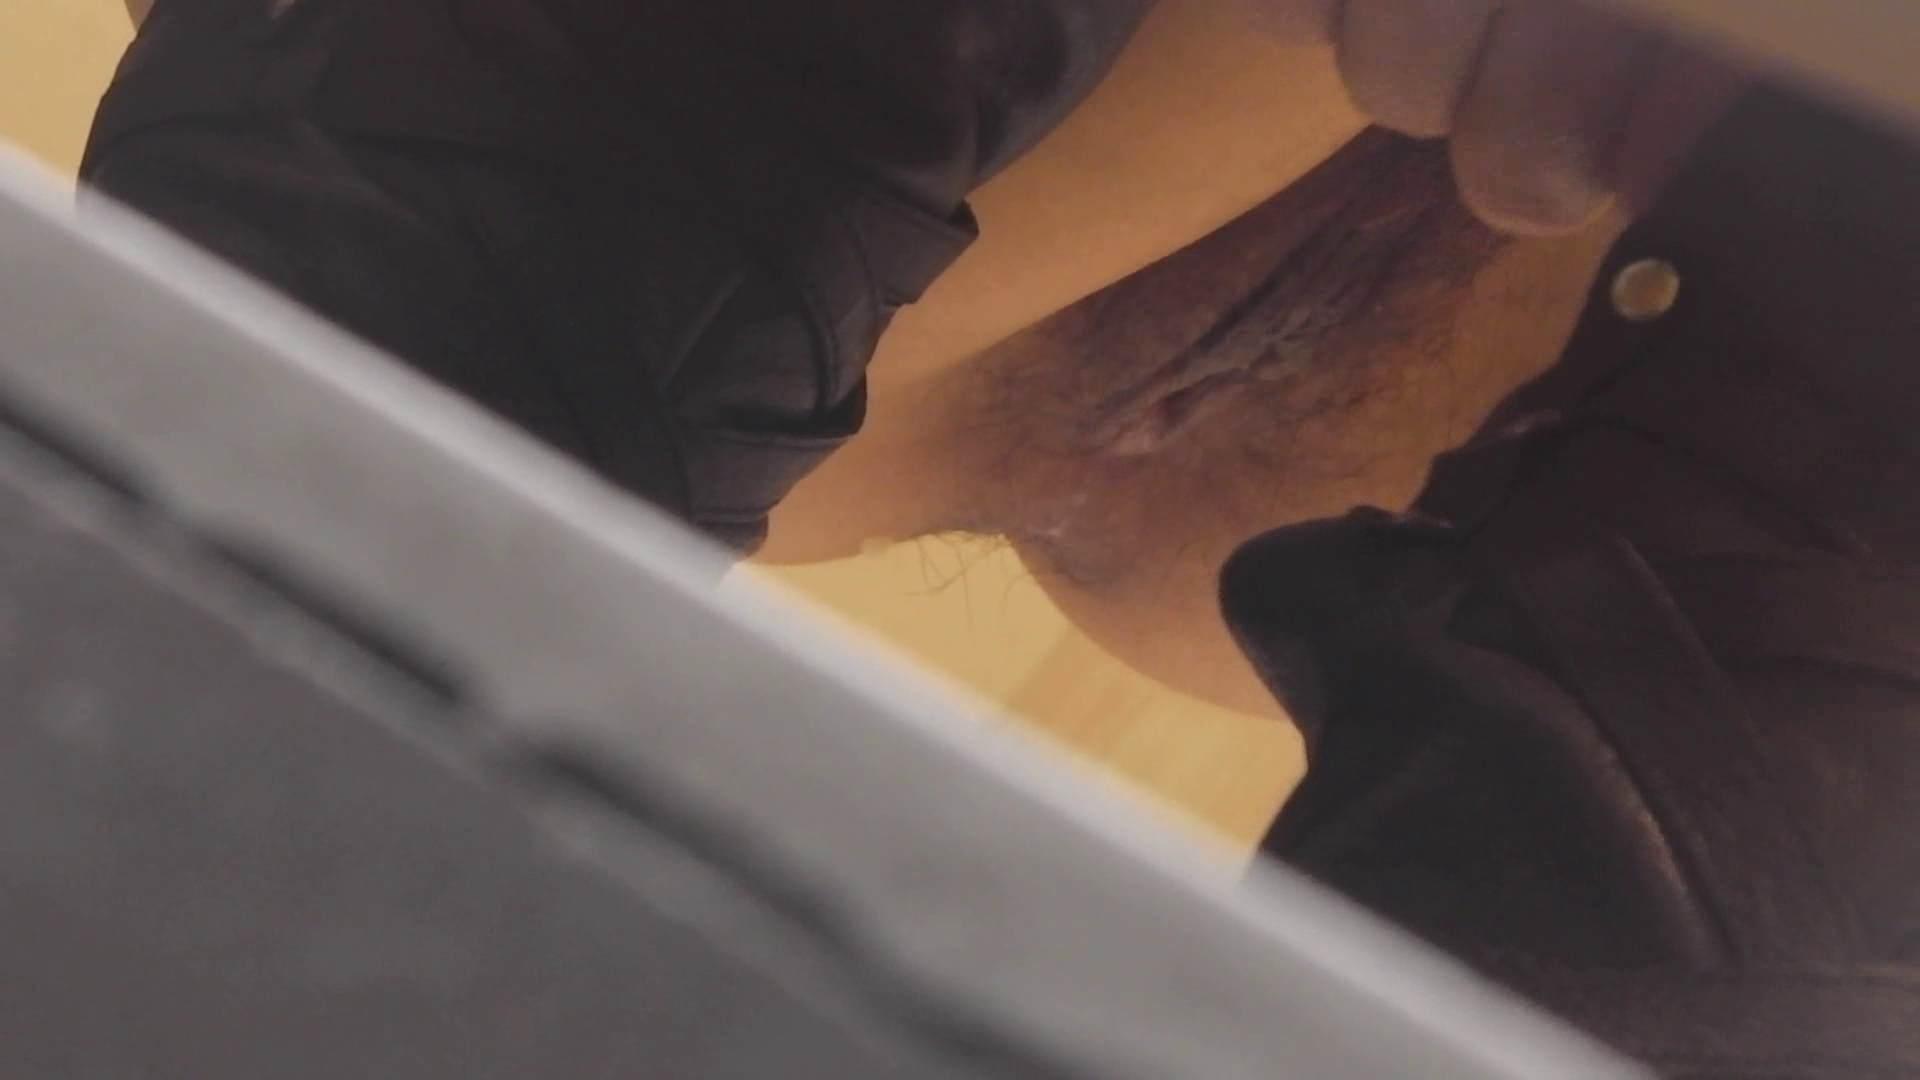 阿国ちゃんの「和式洋式七変化」No.16 和式便所 | 洗面所のぞき 盗撮 102枚 43